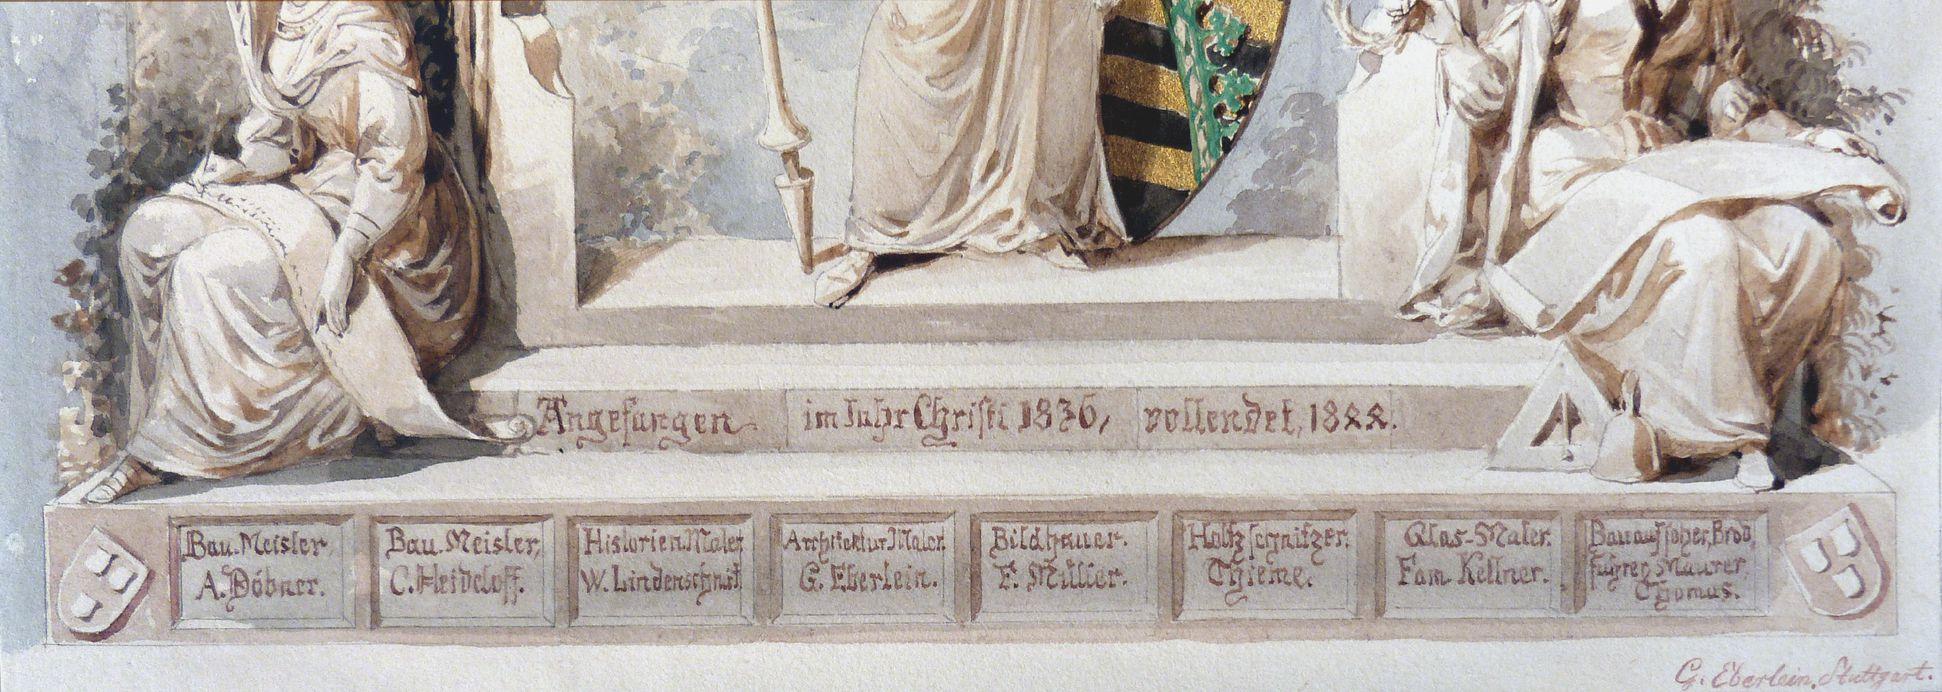 Landsberg Schloss, Titelblatt Schloss Landsberg (Meiningen), Beteiligte Künstler